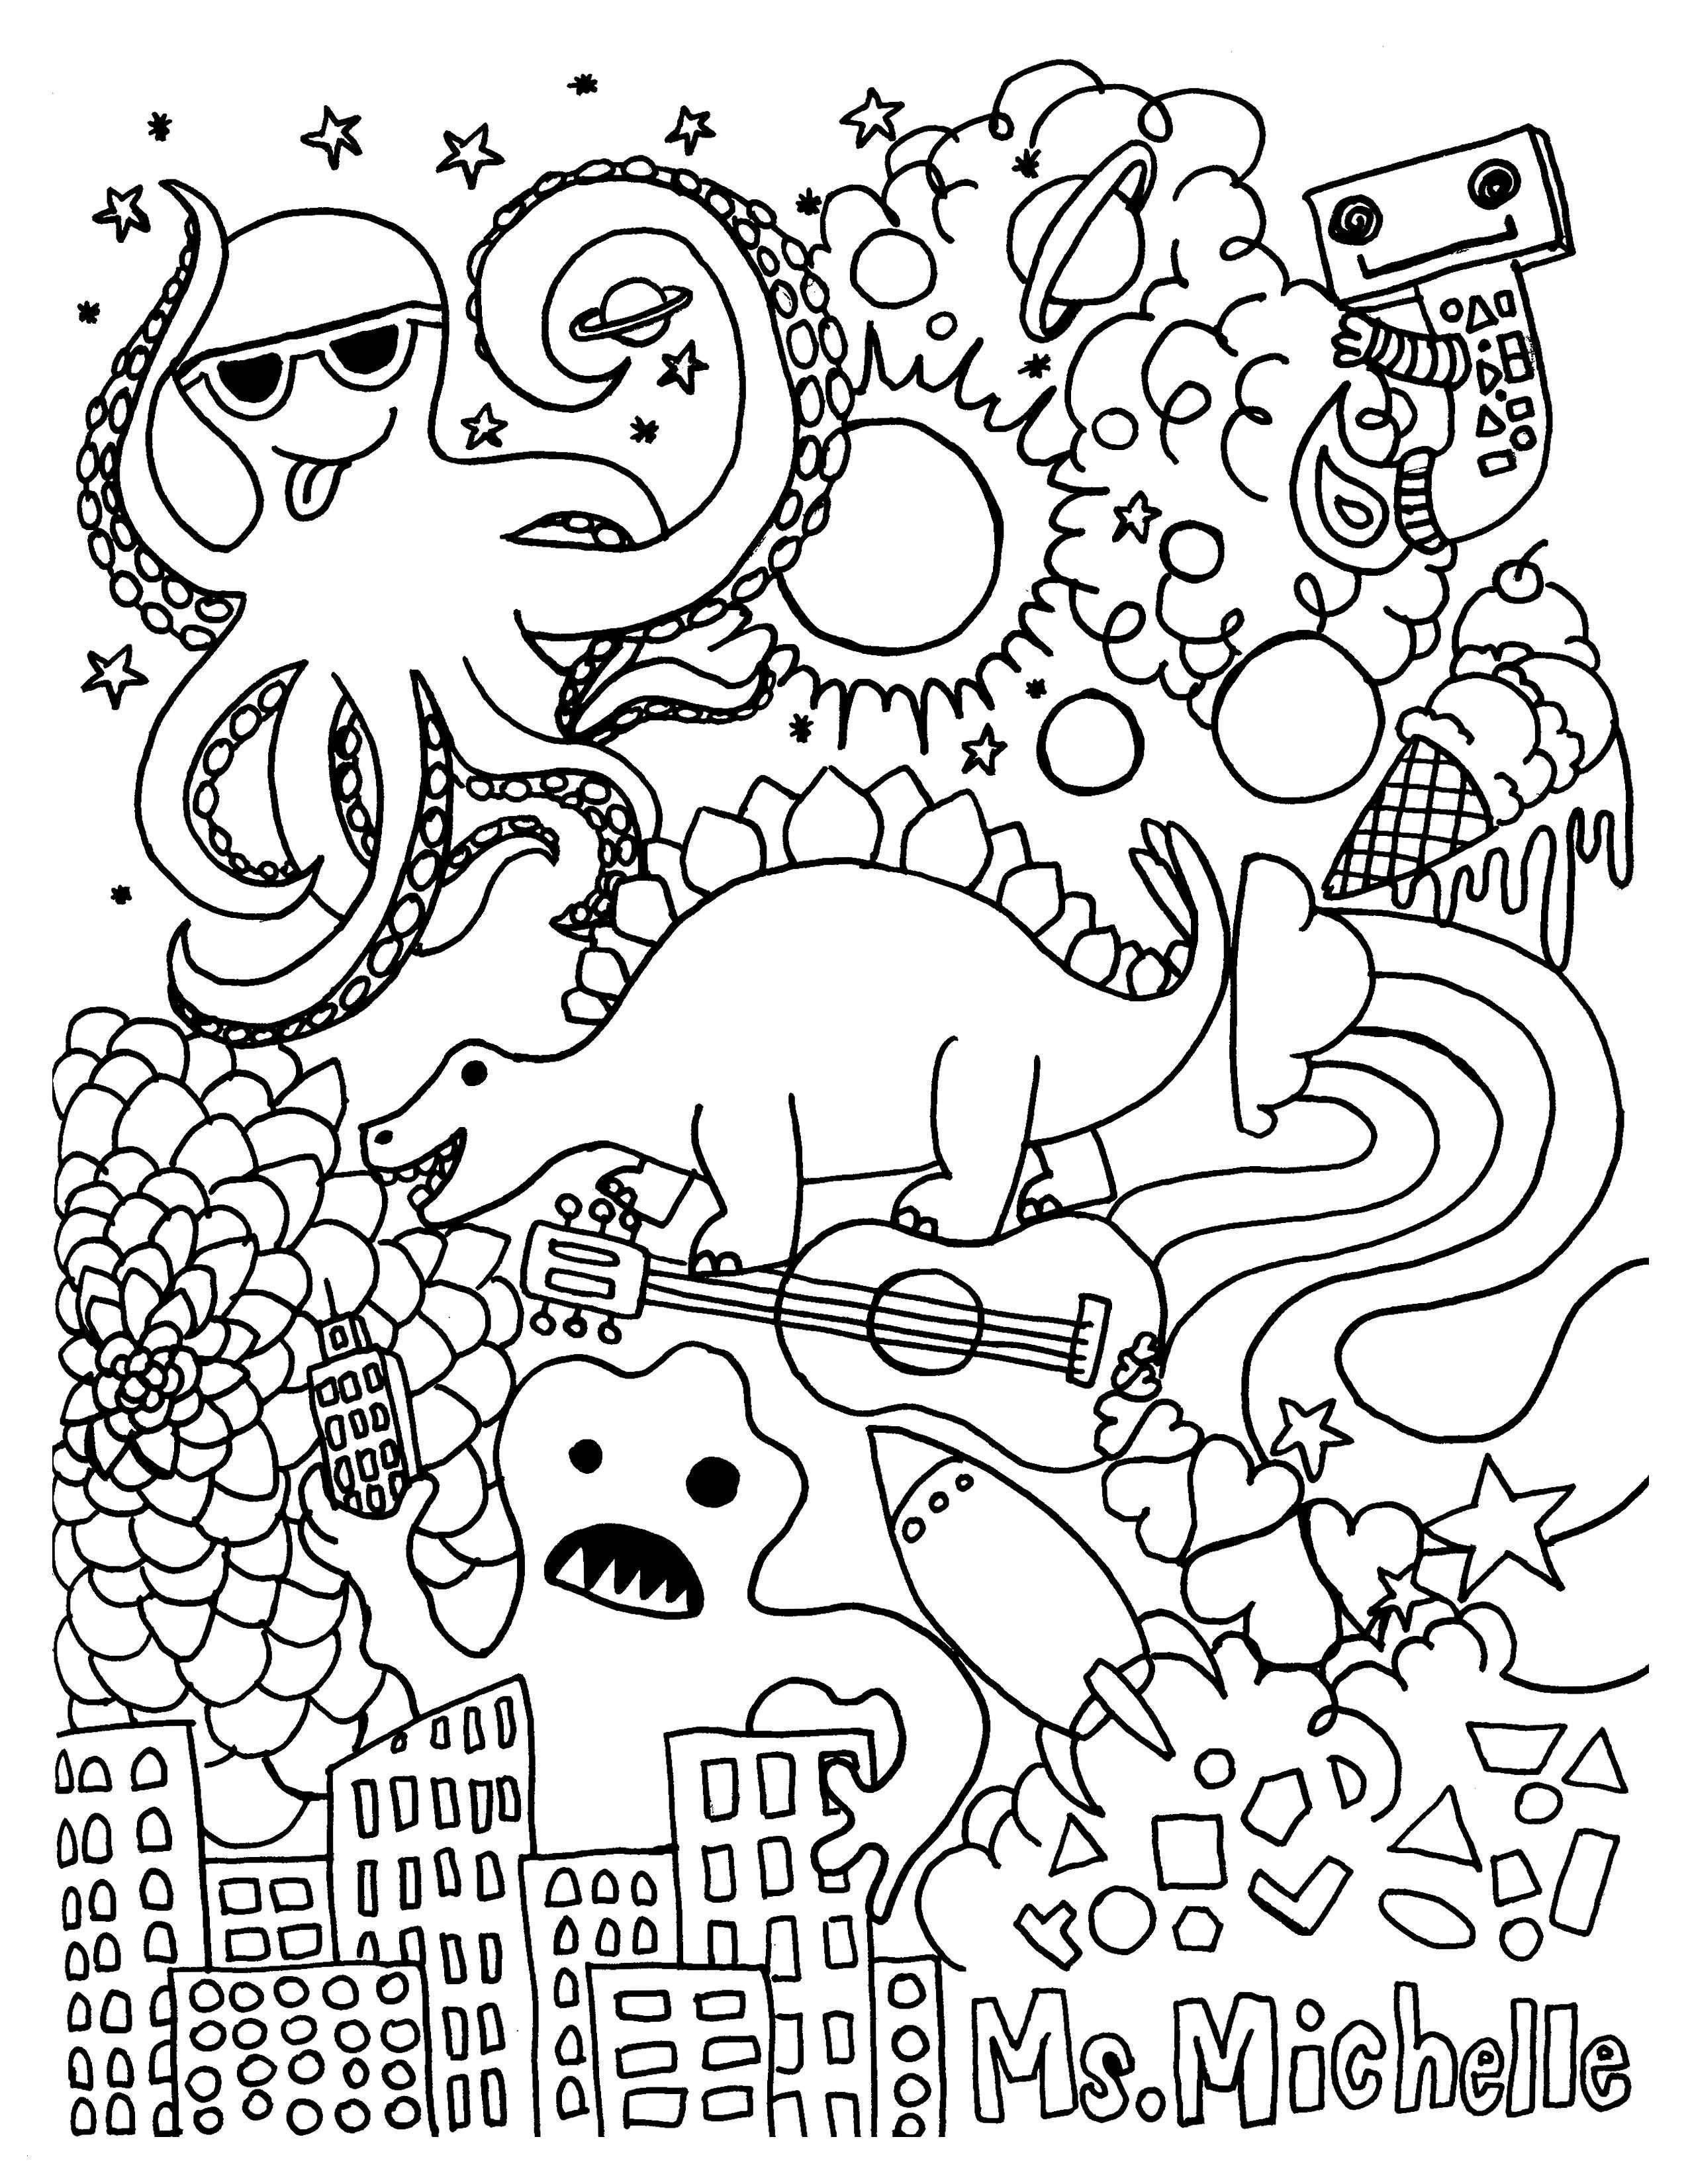 Malvorlage Sendung Mit Der Maus Das Beste Von Die Maus Ausmalbilder Beautiful Coloring Page Neu Minni Maus Galerie